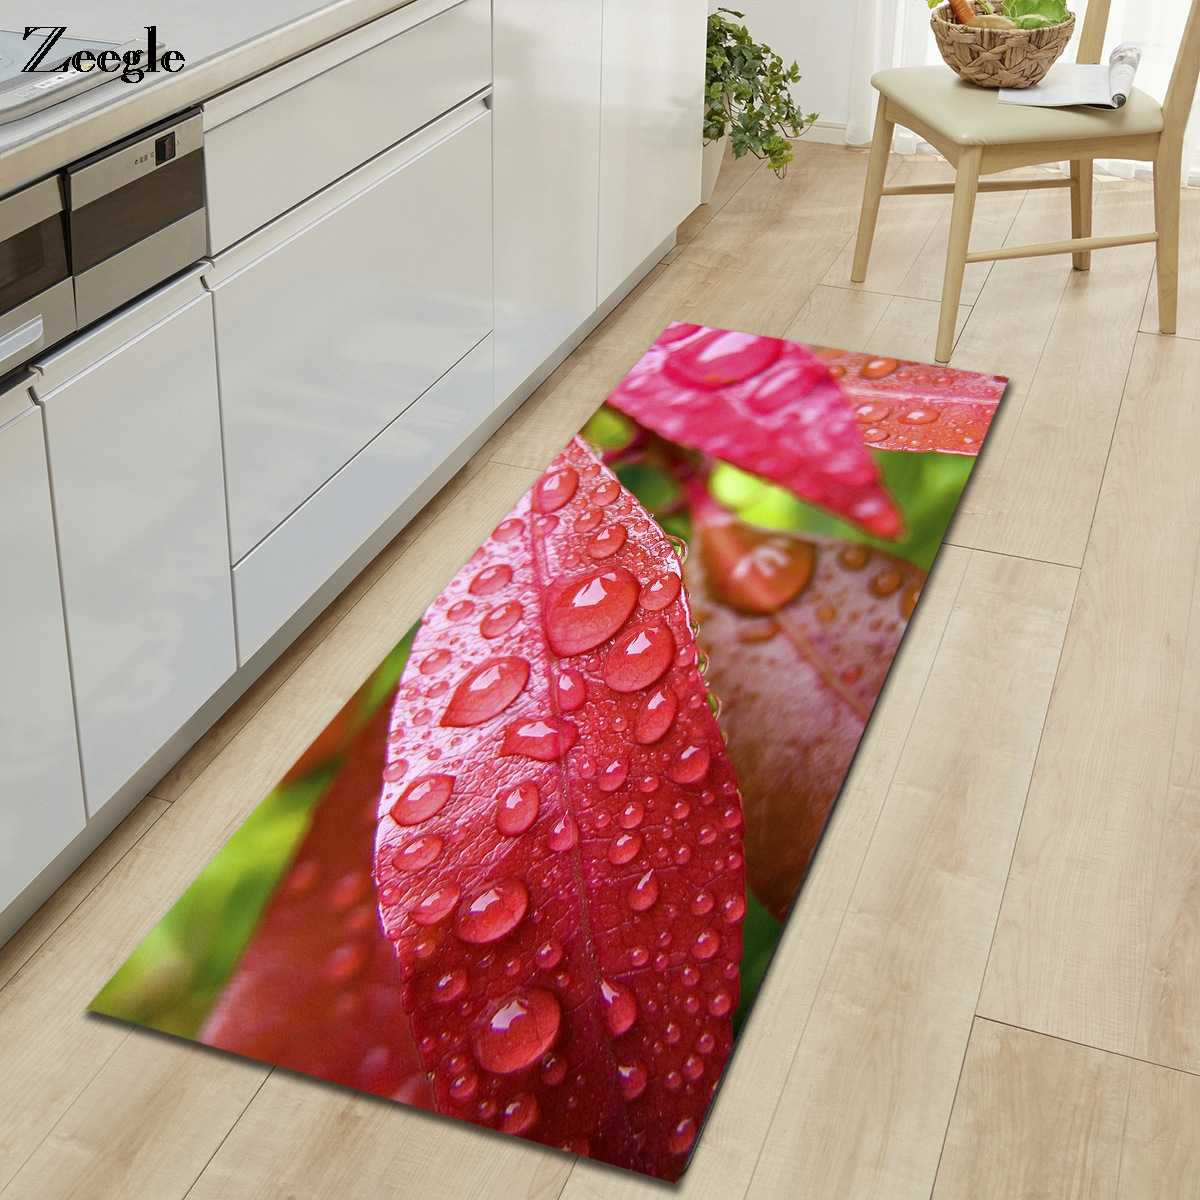 Zeegle 3D 台所の床マット抗スリップのためのリビングルームのベッドルームのカーペットベッドサイド敷物浴室フットマットホームドアカーペット